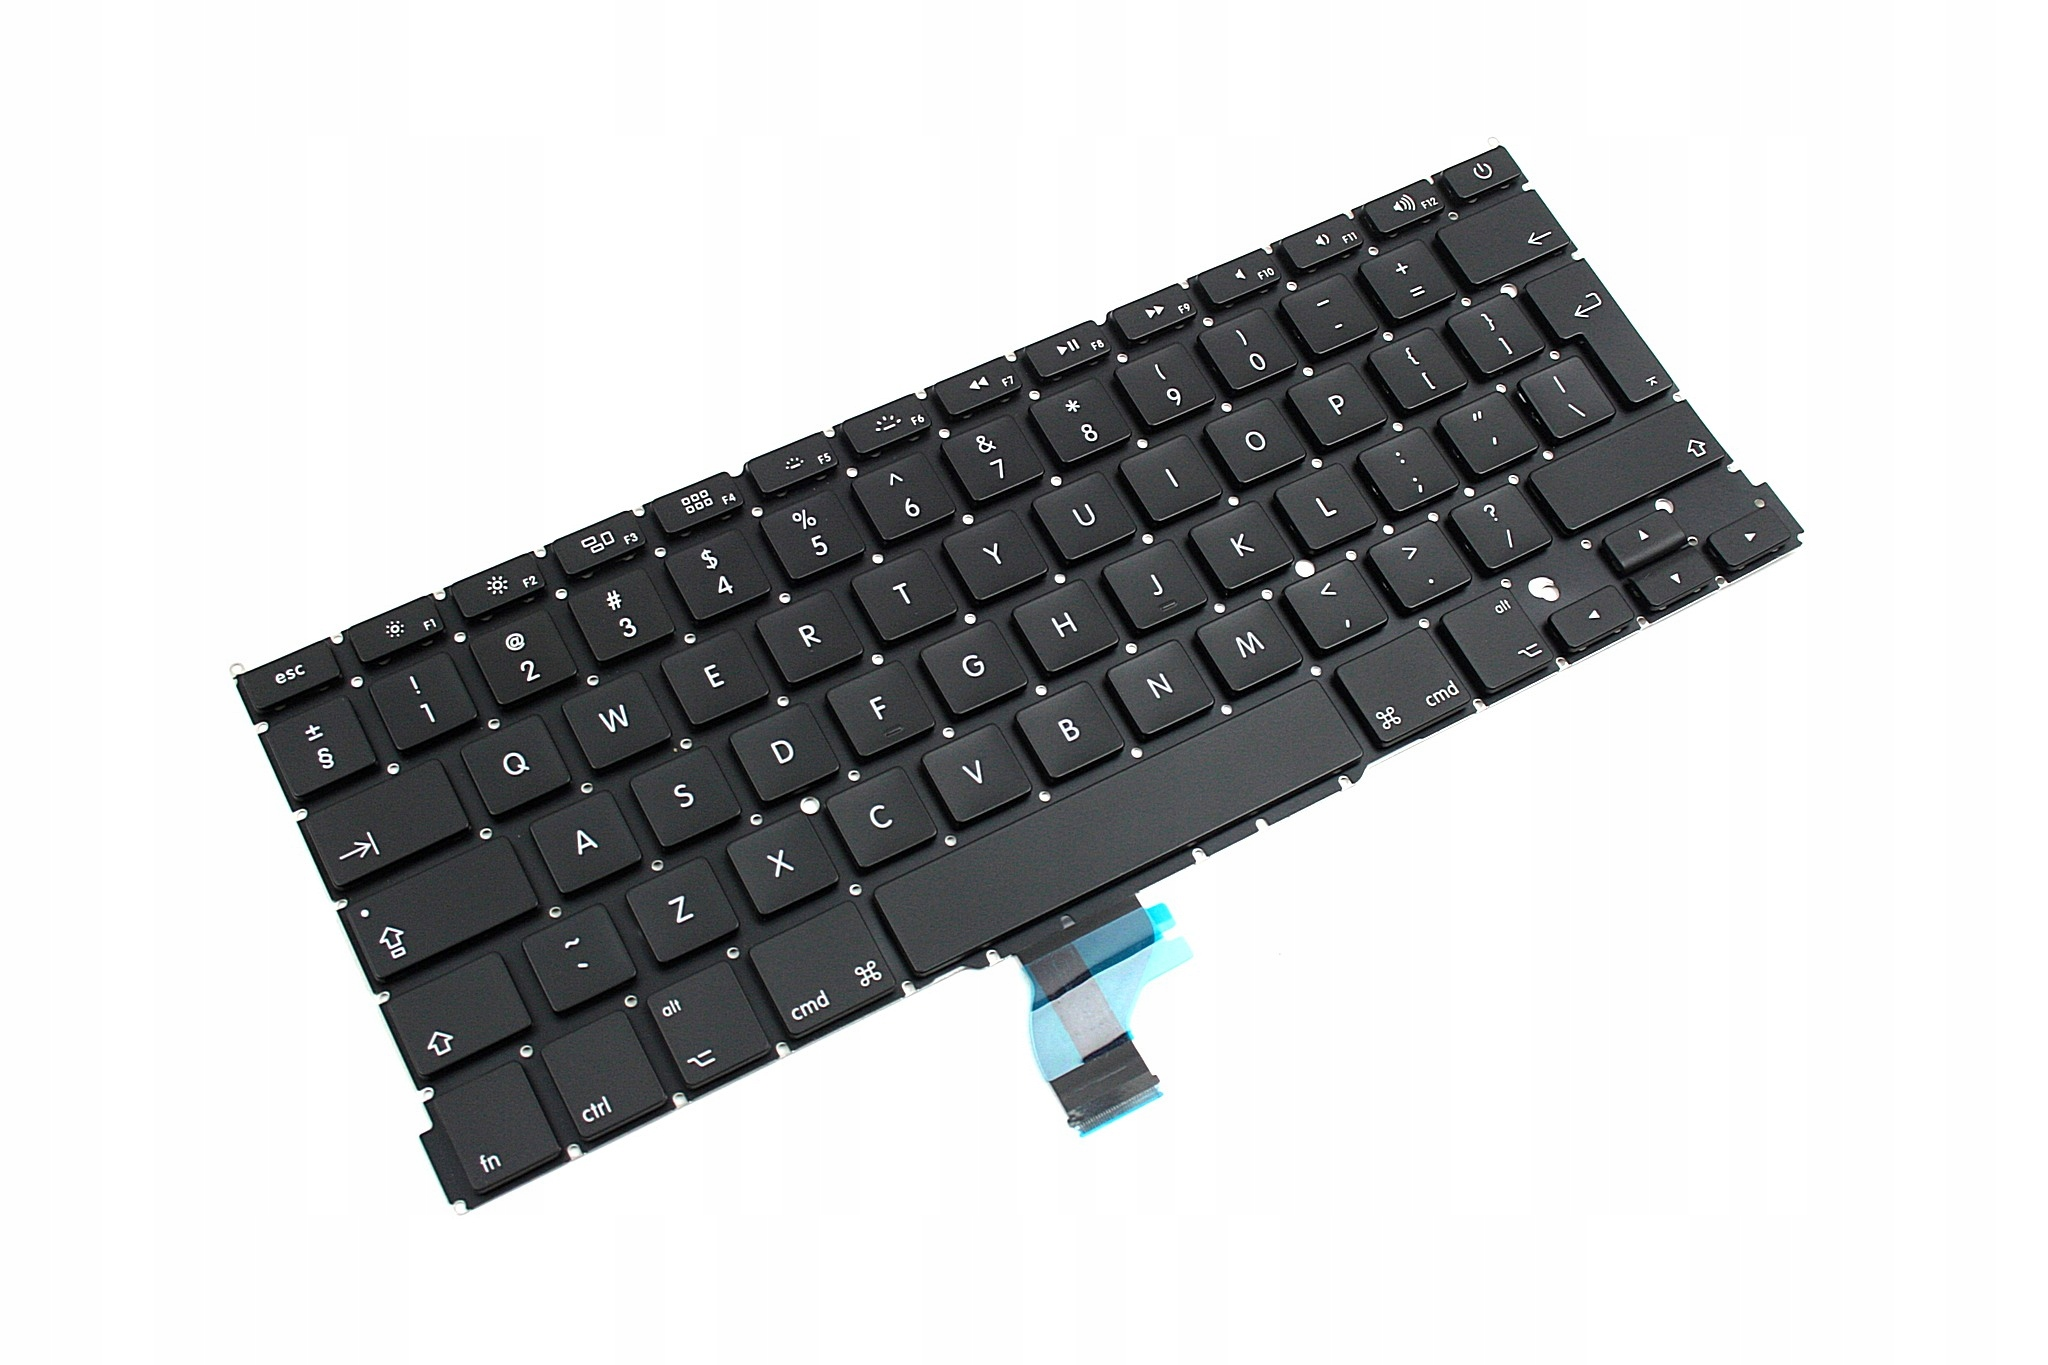 KLAWIATURA APPLE MACBOOK PRO 13.3 A1502 2013 - Klawiatury do laptopów